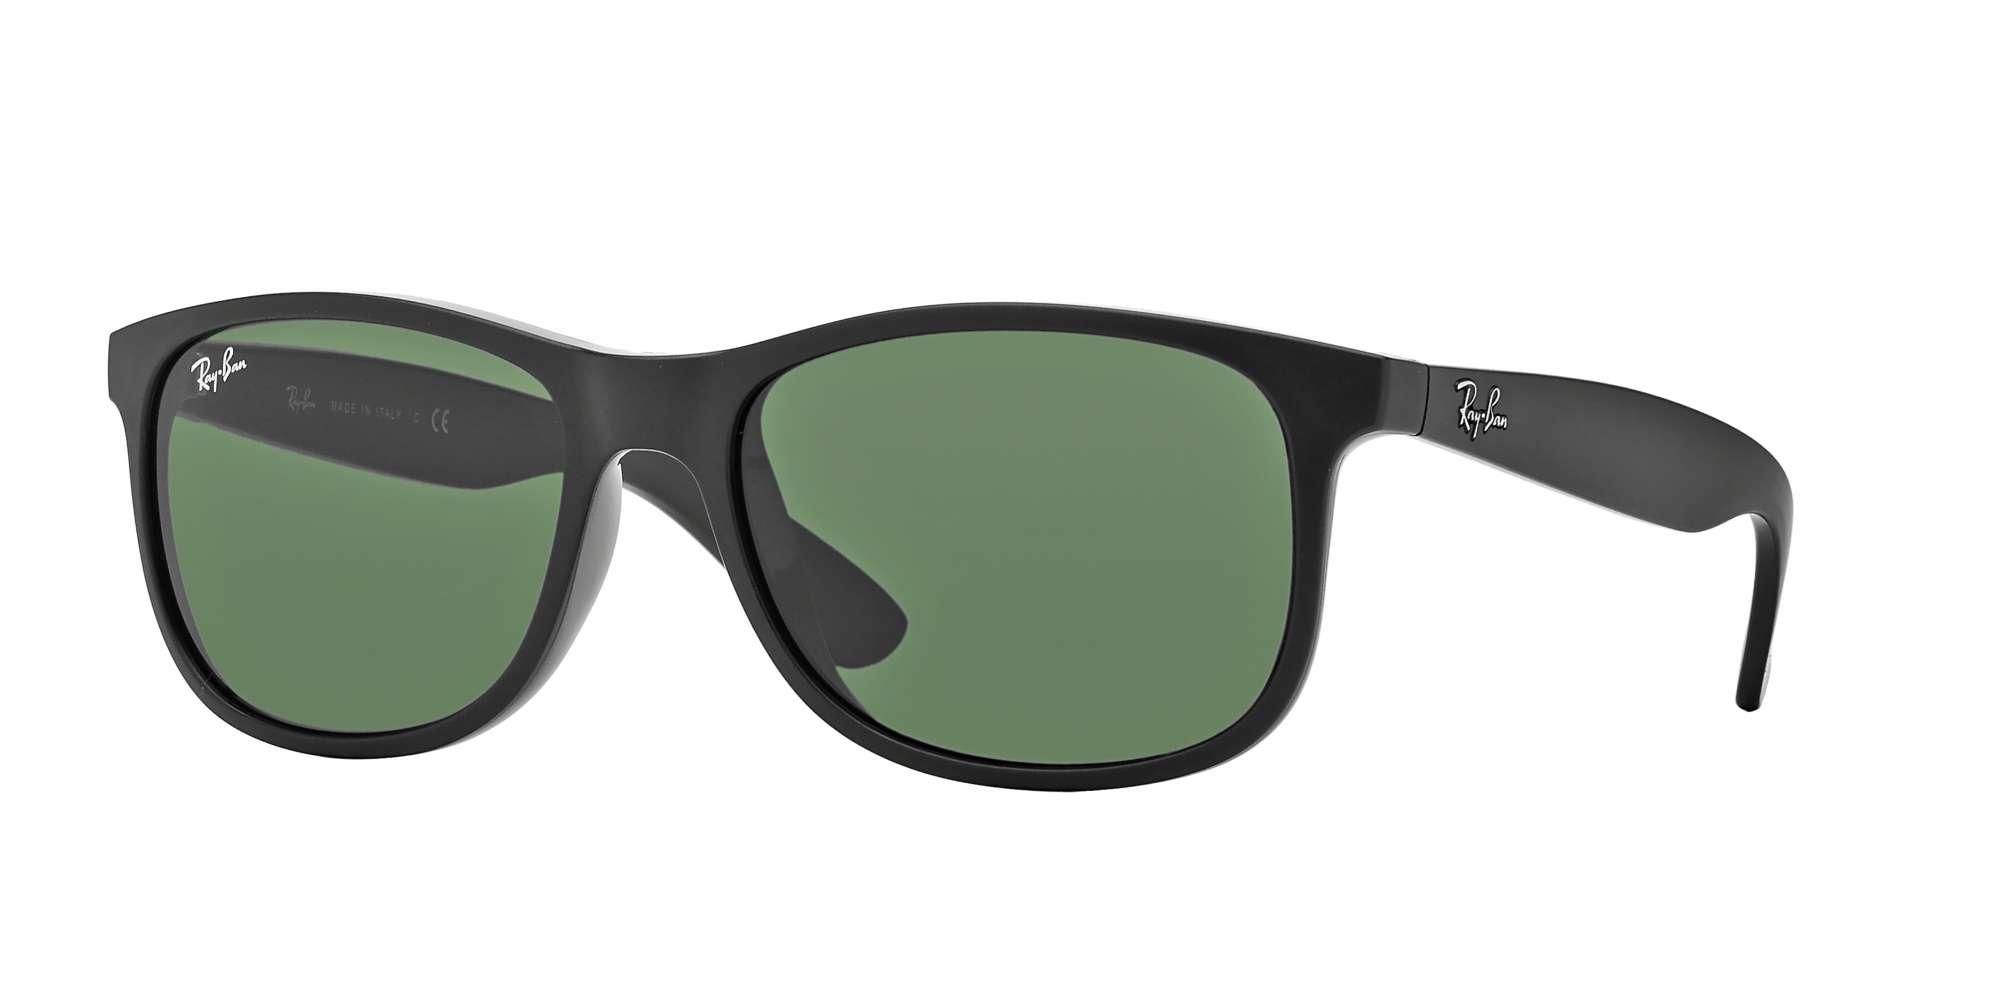 MATTE BLACK / DARK GREEN lenses